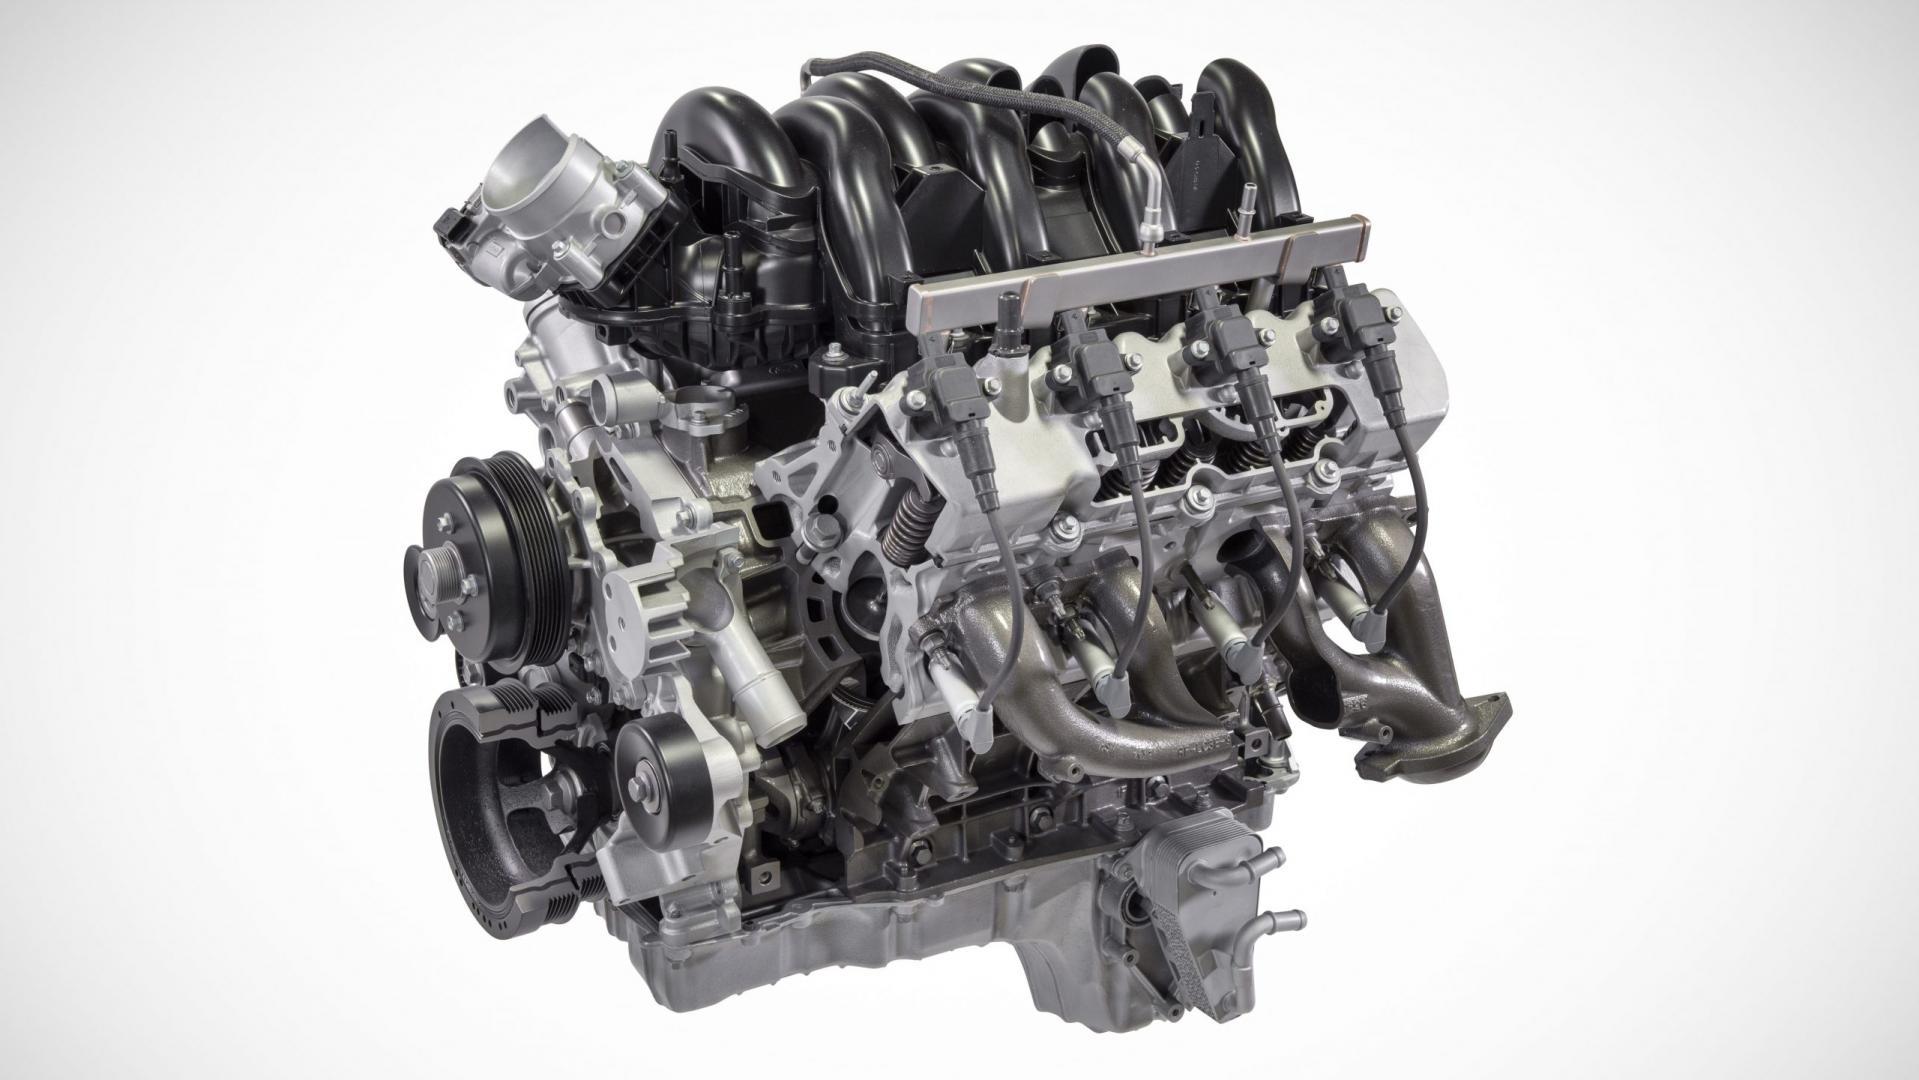 De 7,3-liter V8 van Ford